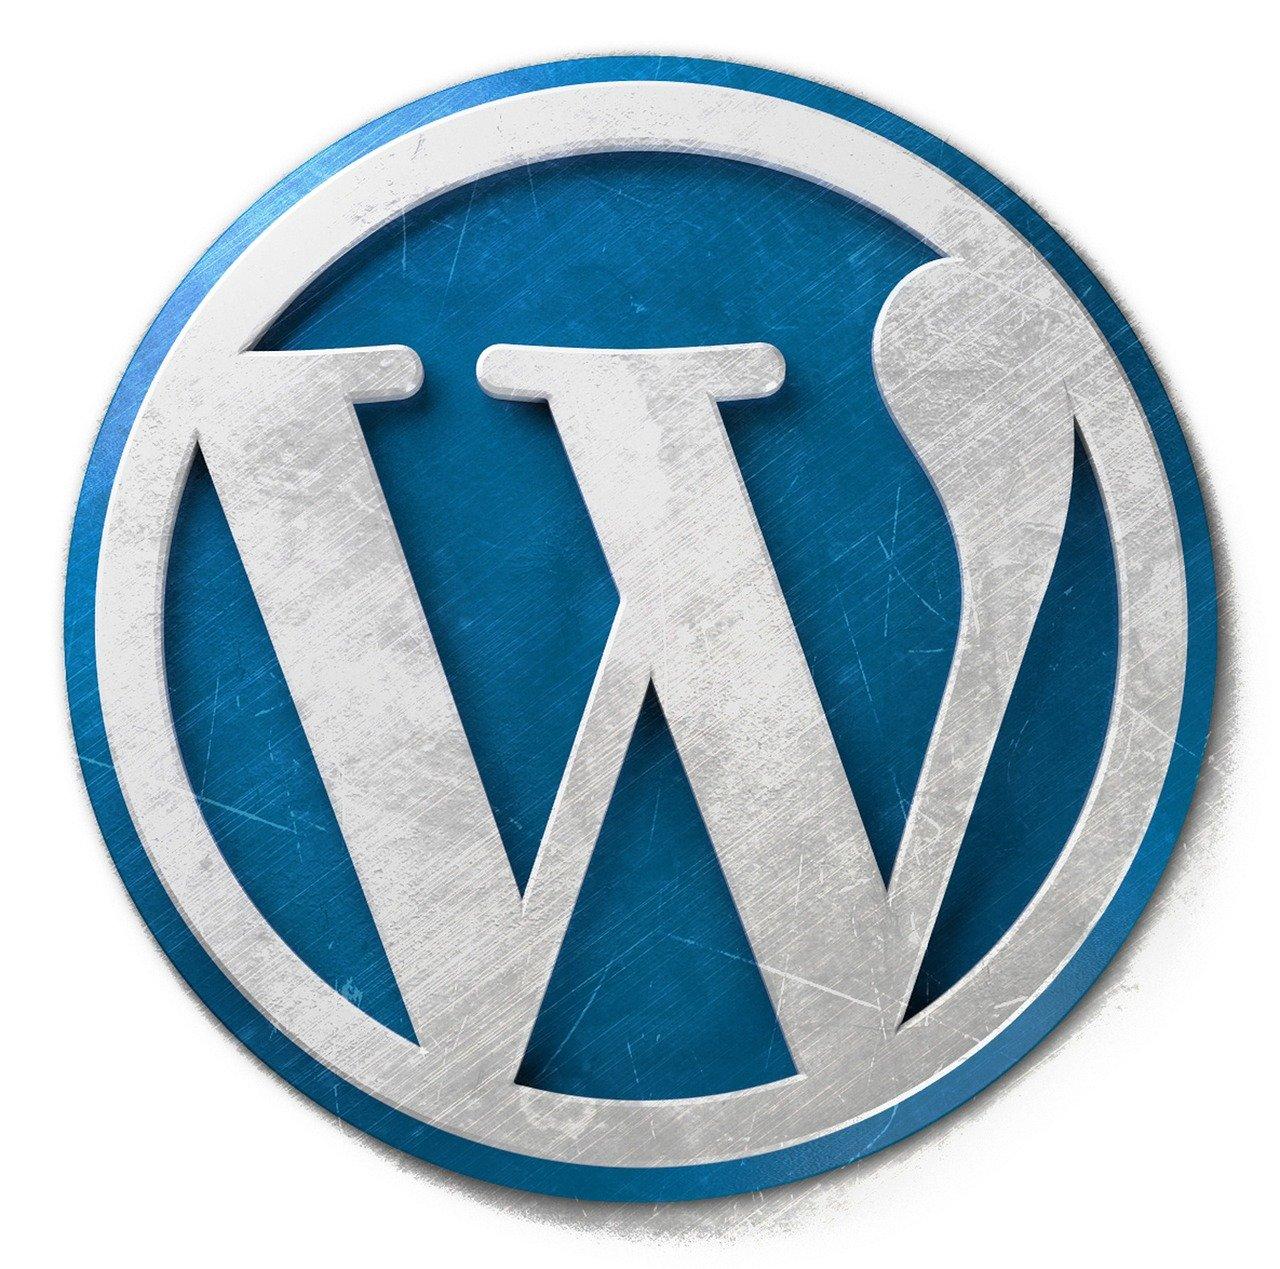 Création d'un site Internet Crépy-en-Valois avec WordPress